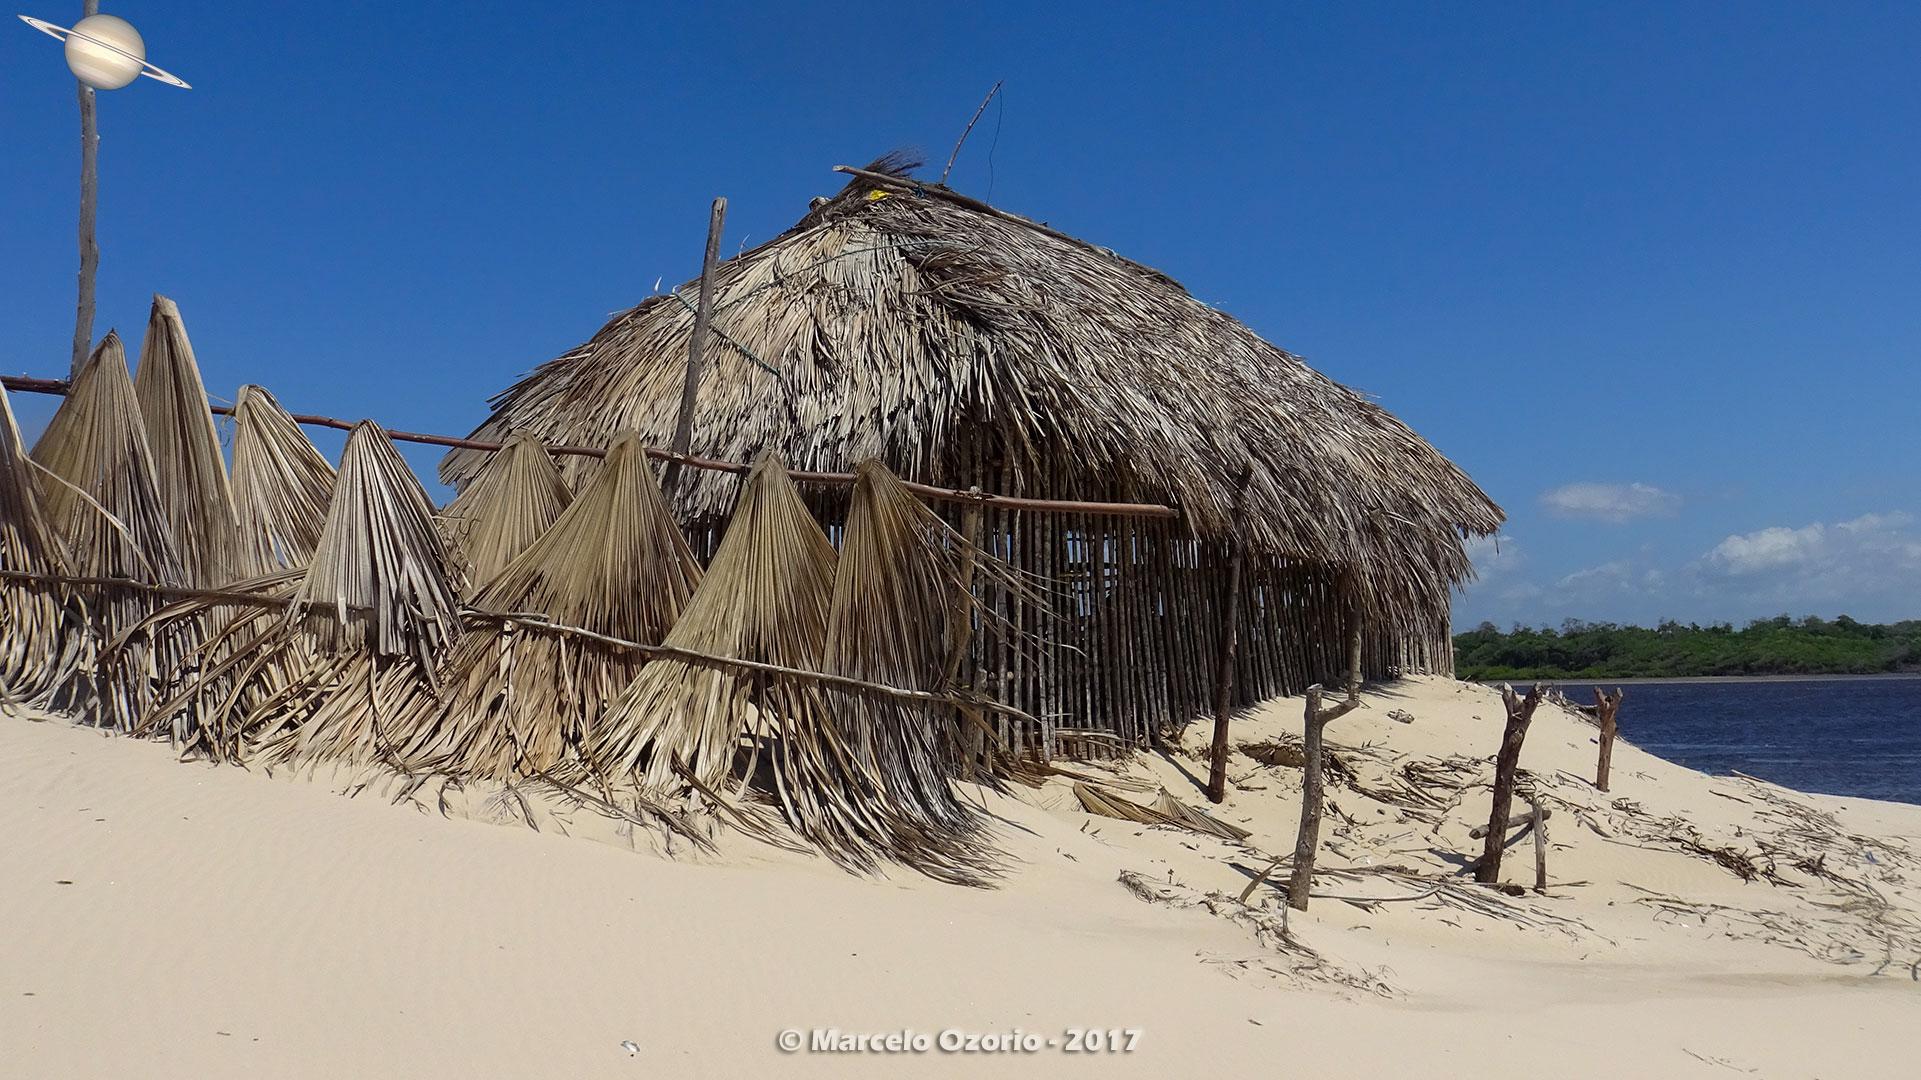 cabure lencois maranhenses brasil 29 - De Barreirinhas à Canto do Atins. Trekking nos Lençóis Maranhenses - Brasil